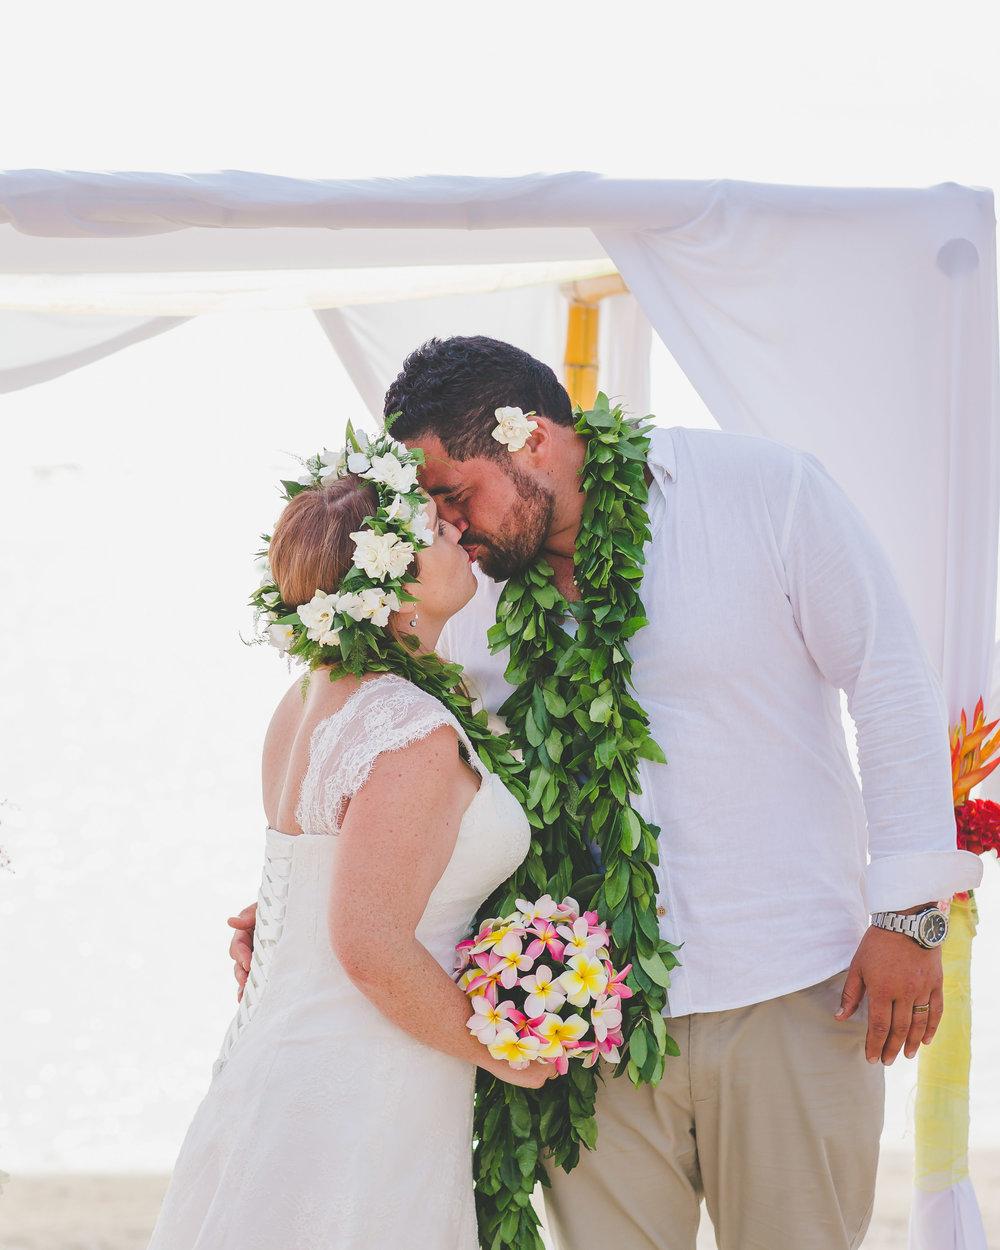 Wedding kiss Beach wedding Cook Islands